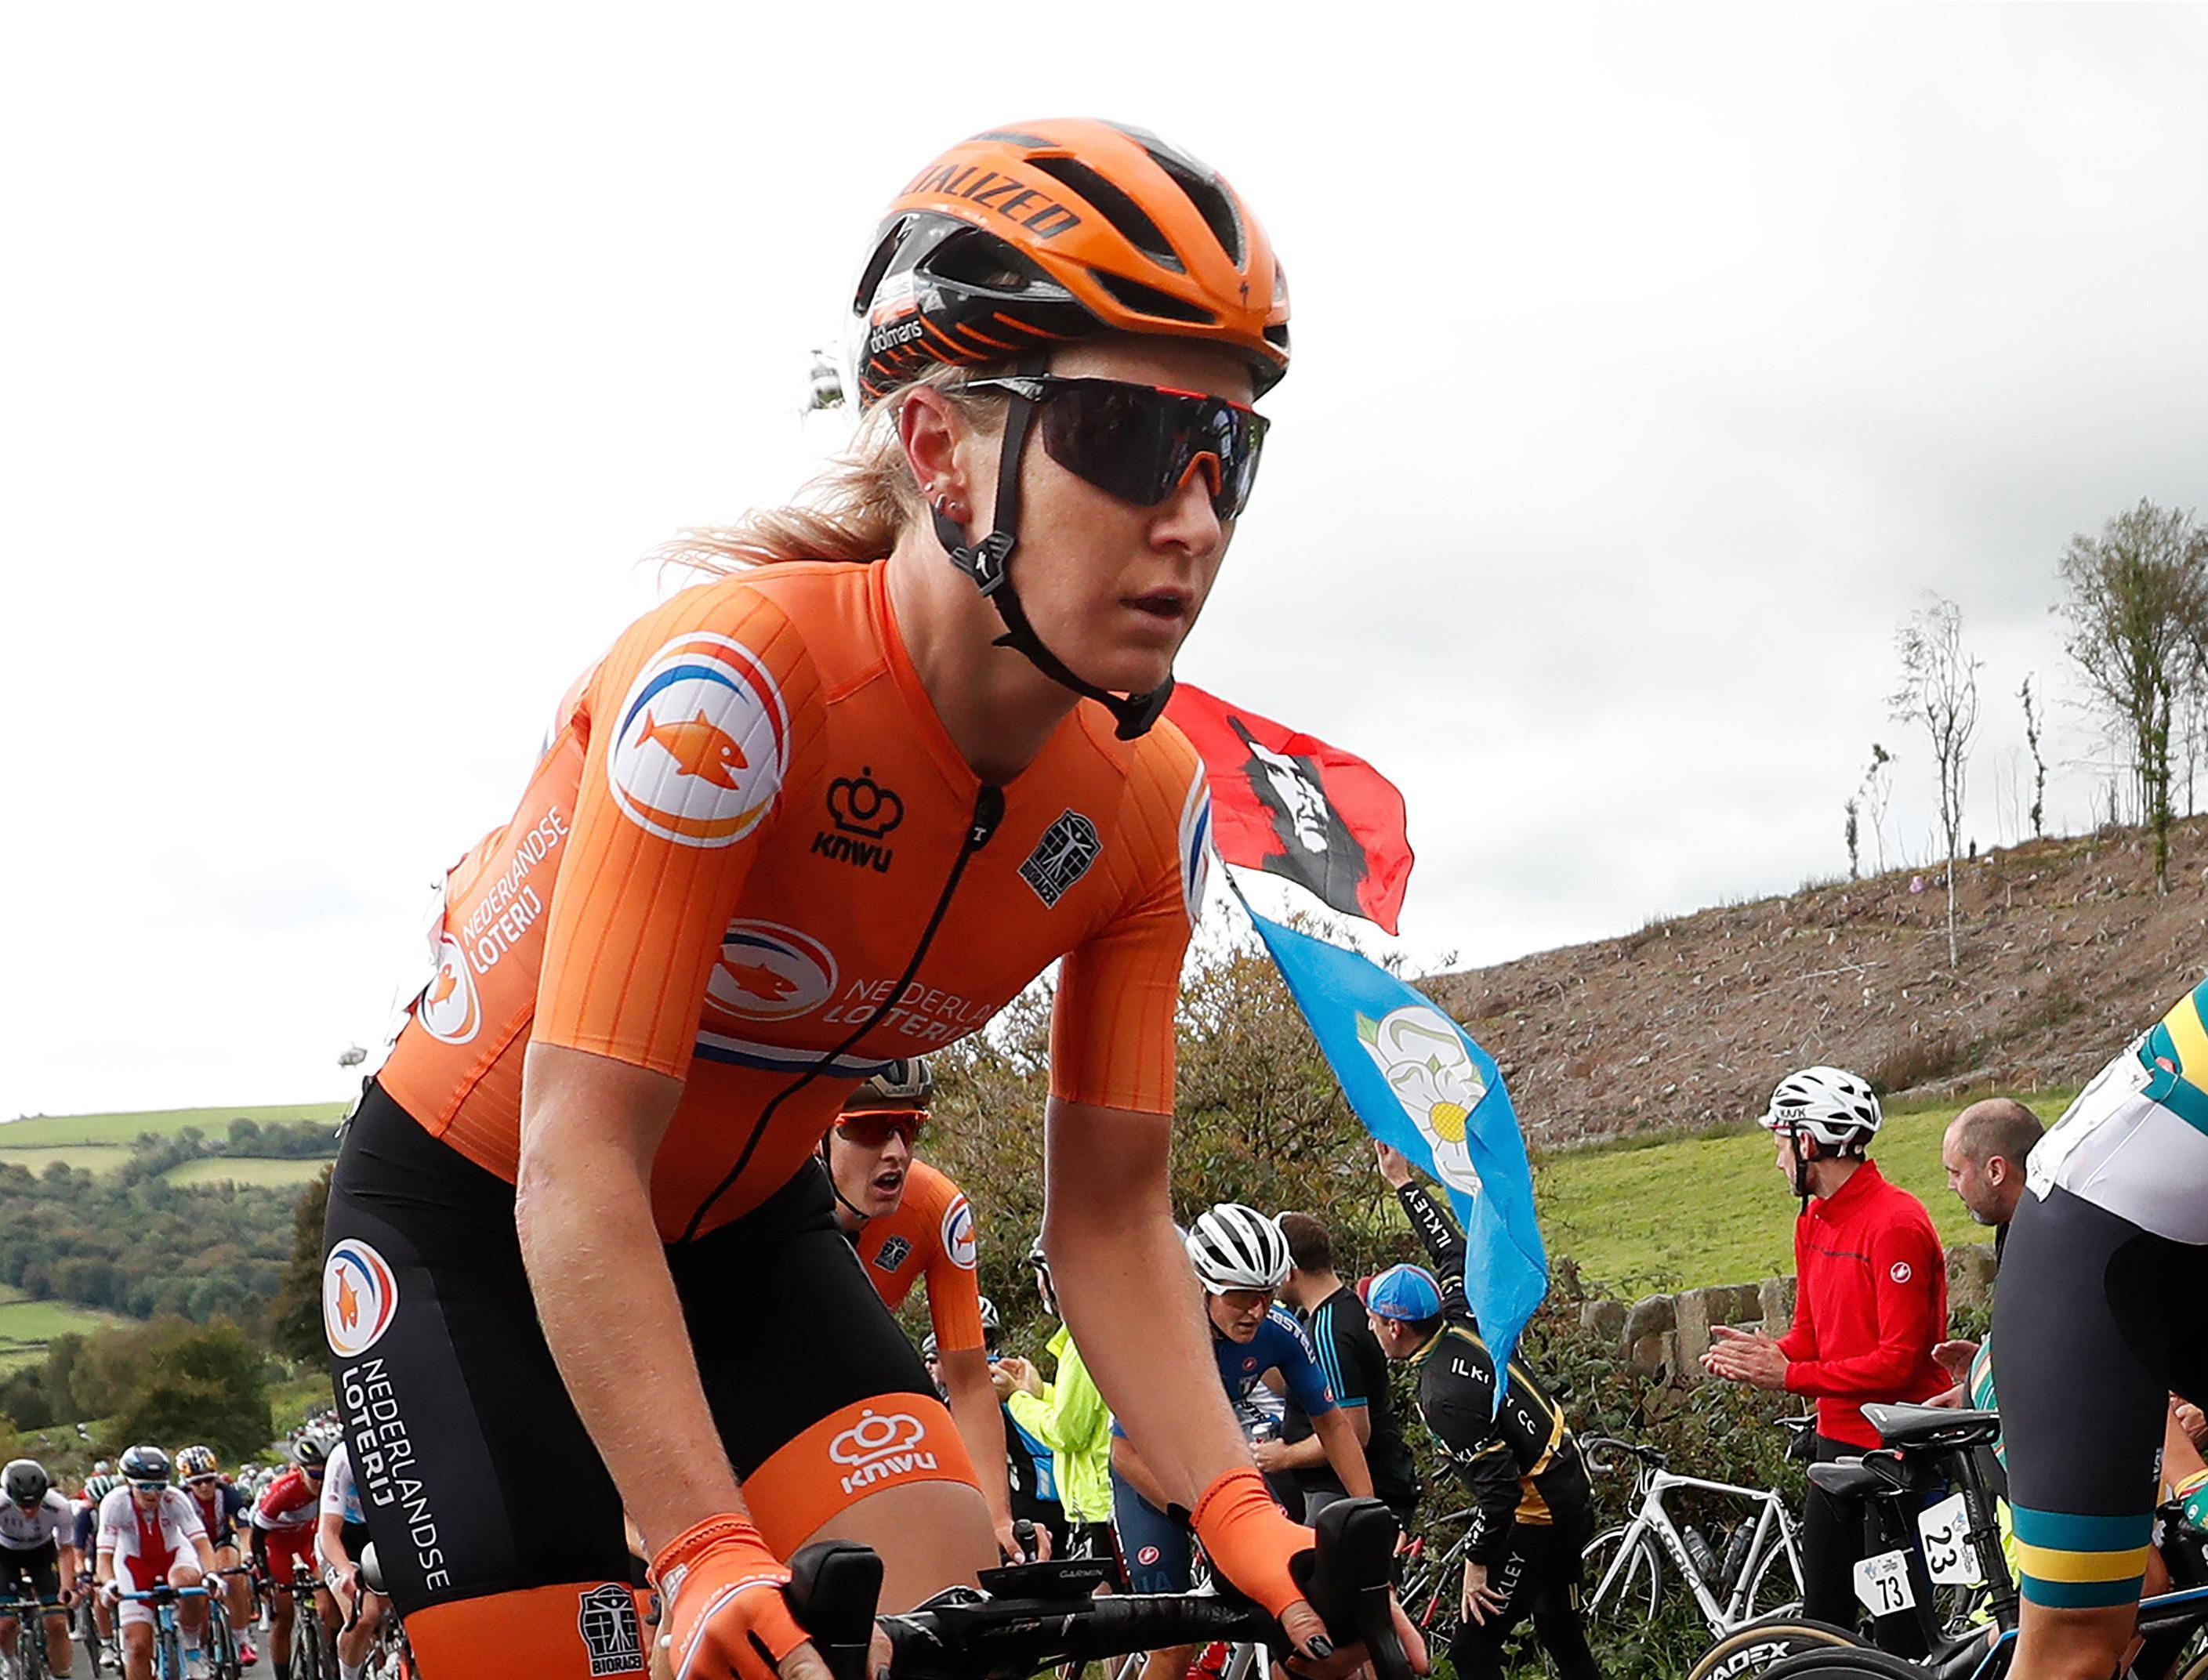 Wielrenster Amy Pieters topsporter van 2019 in de gemeente Haarlemmermeer